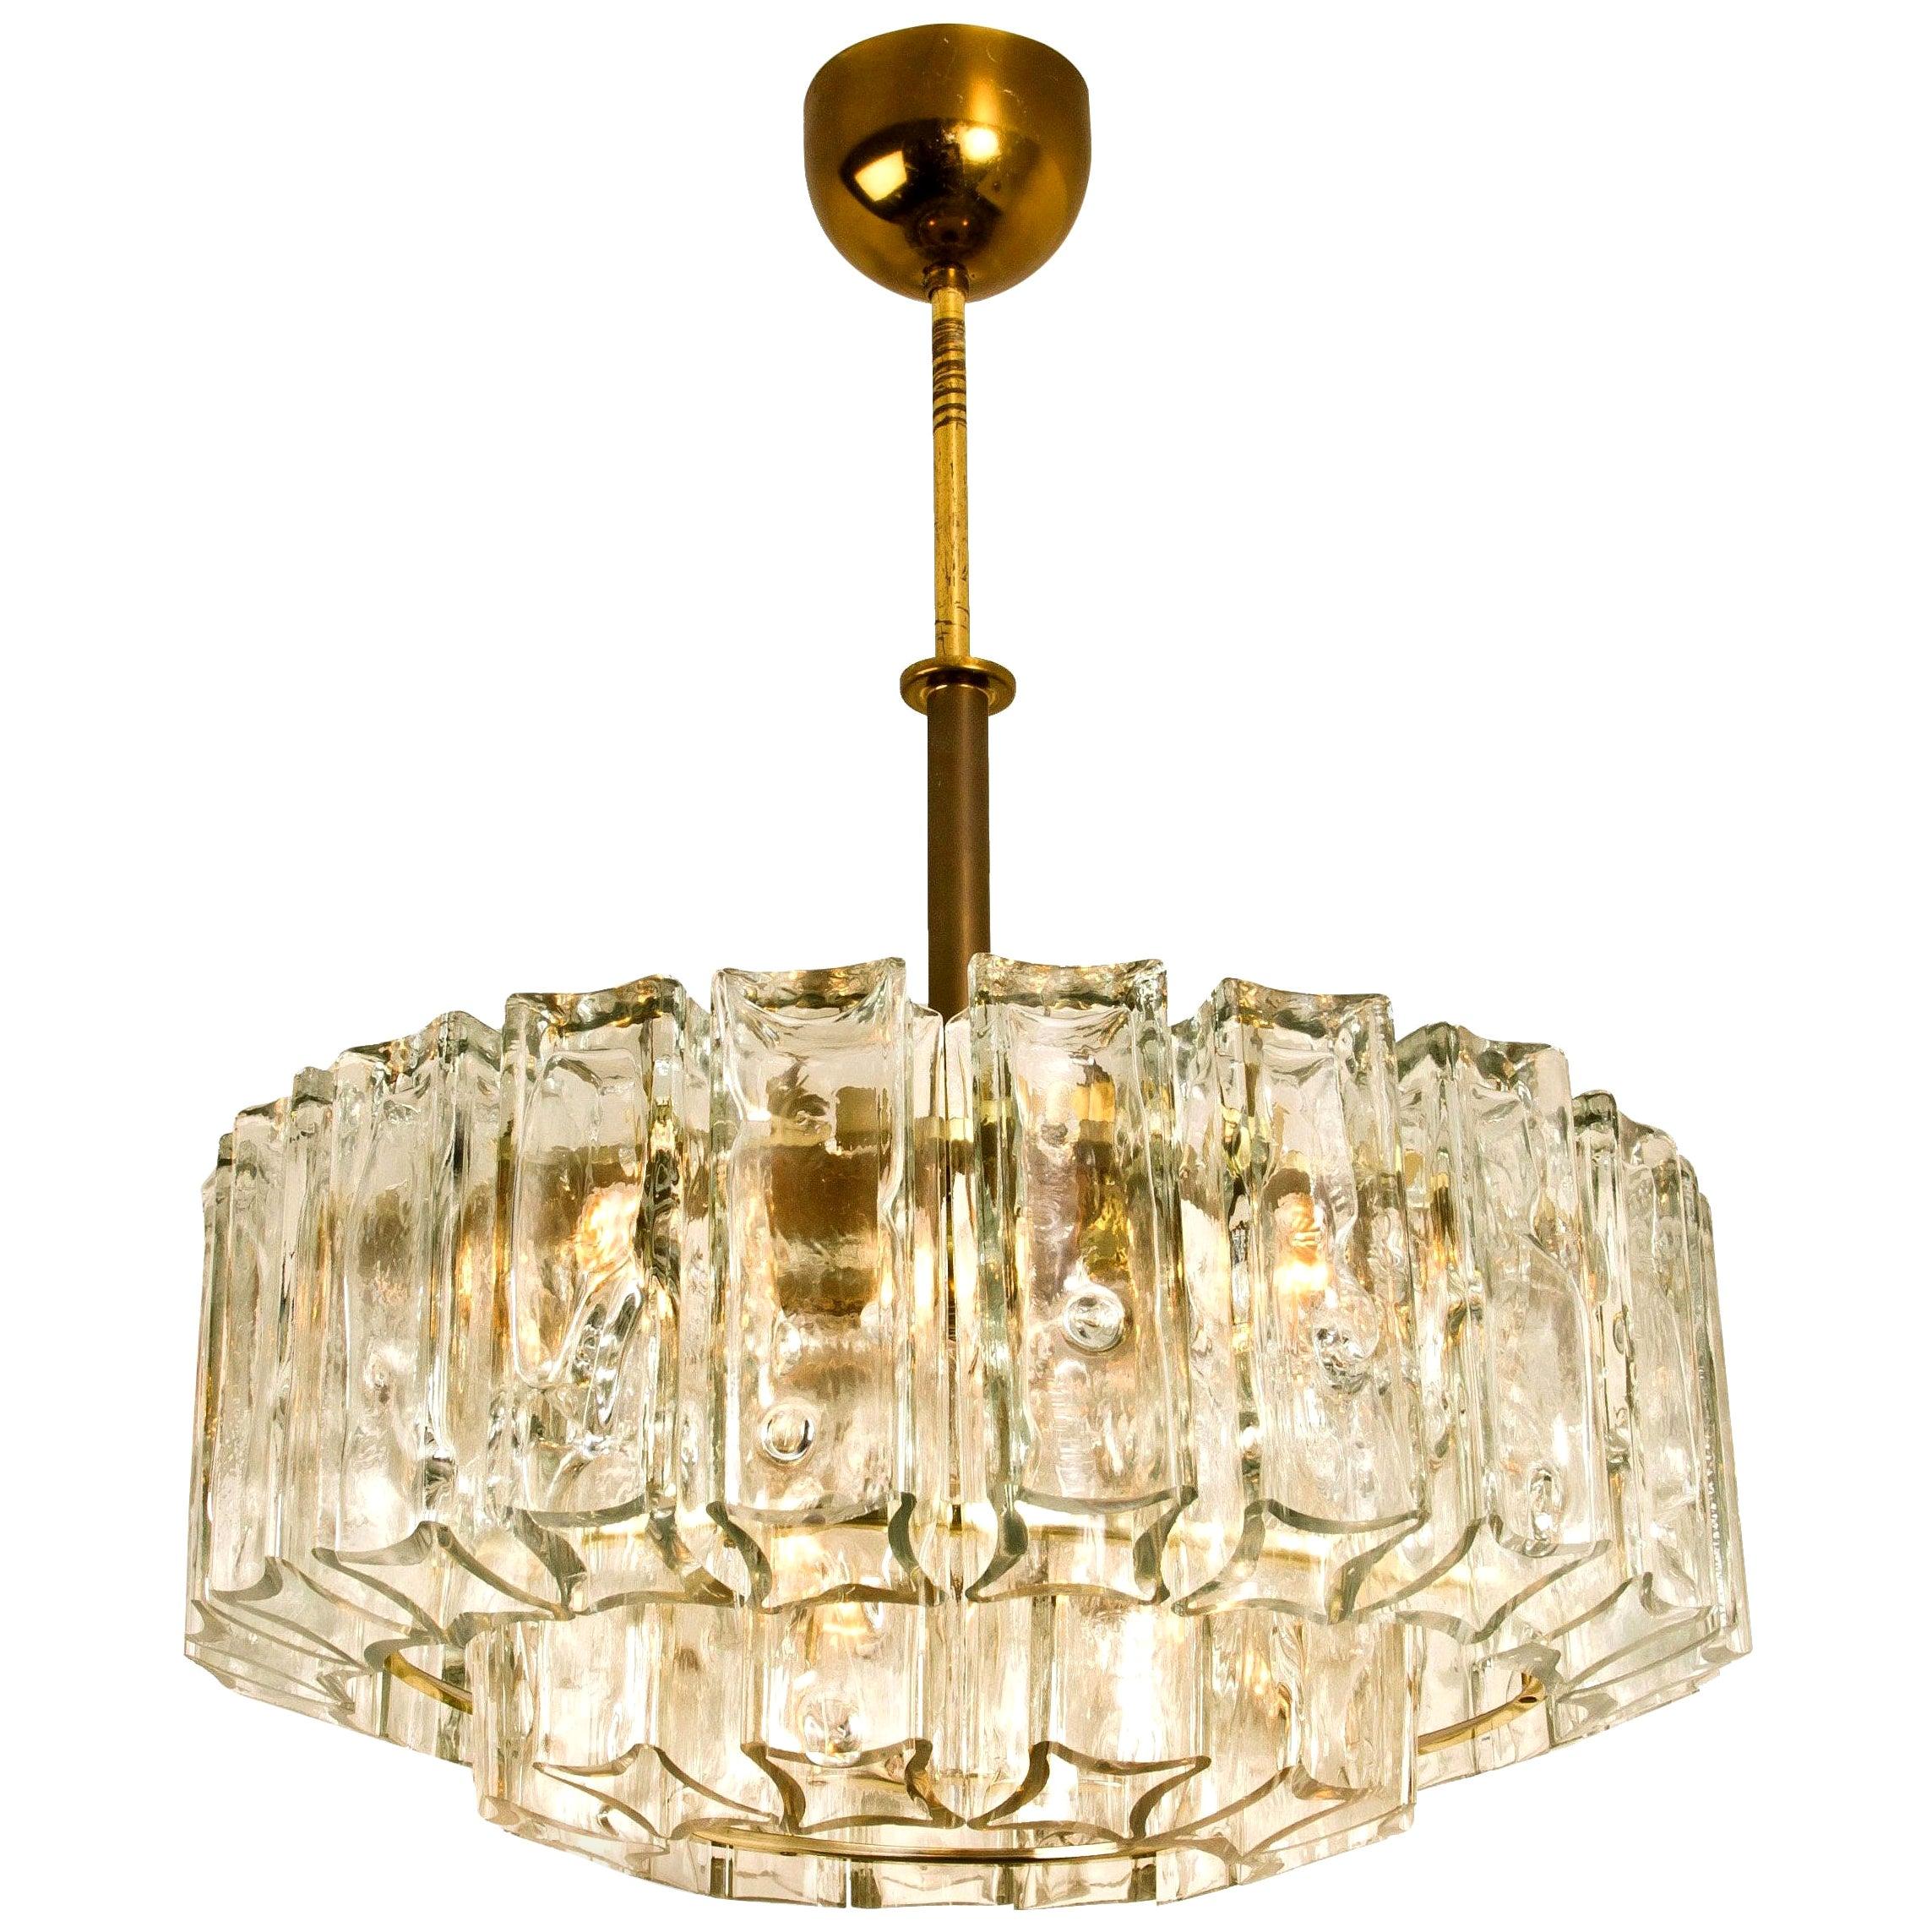 Chandelier Glass and Brass J.T. Kalmar, 1960